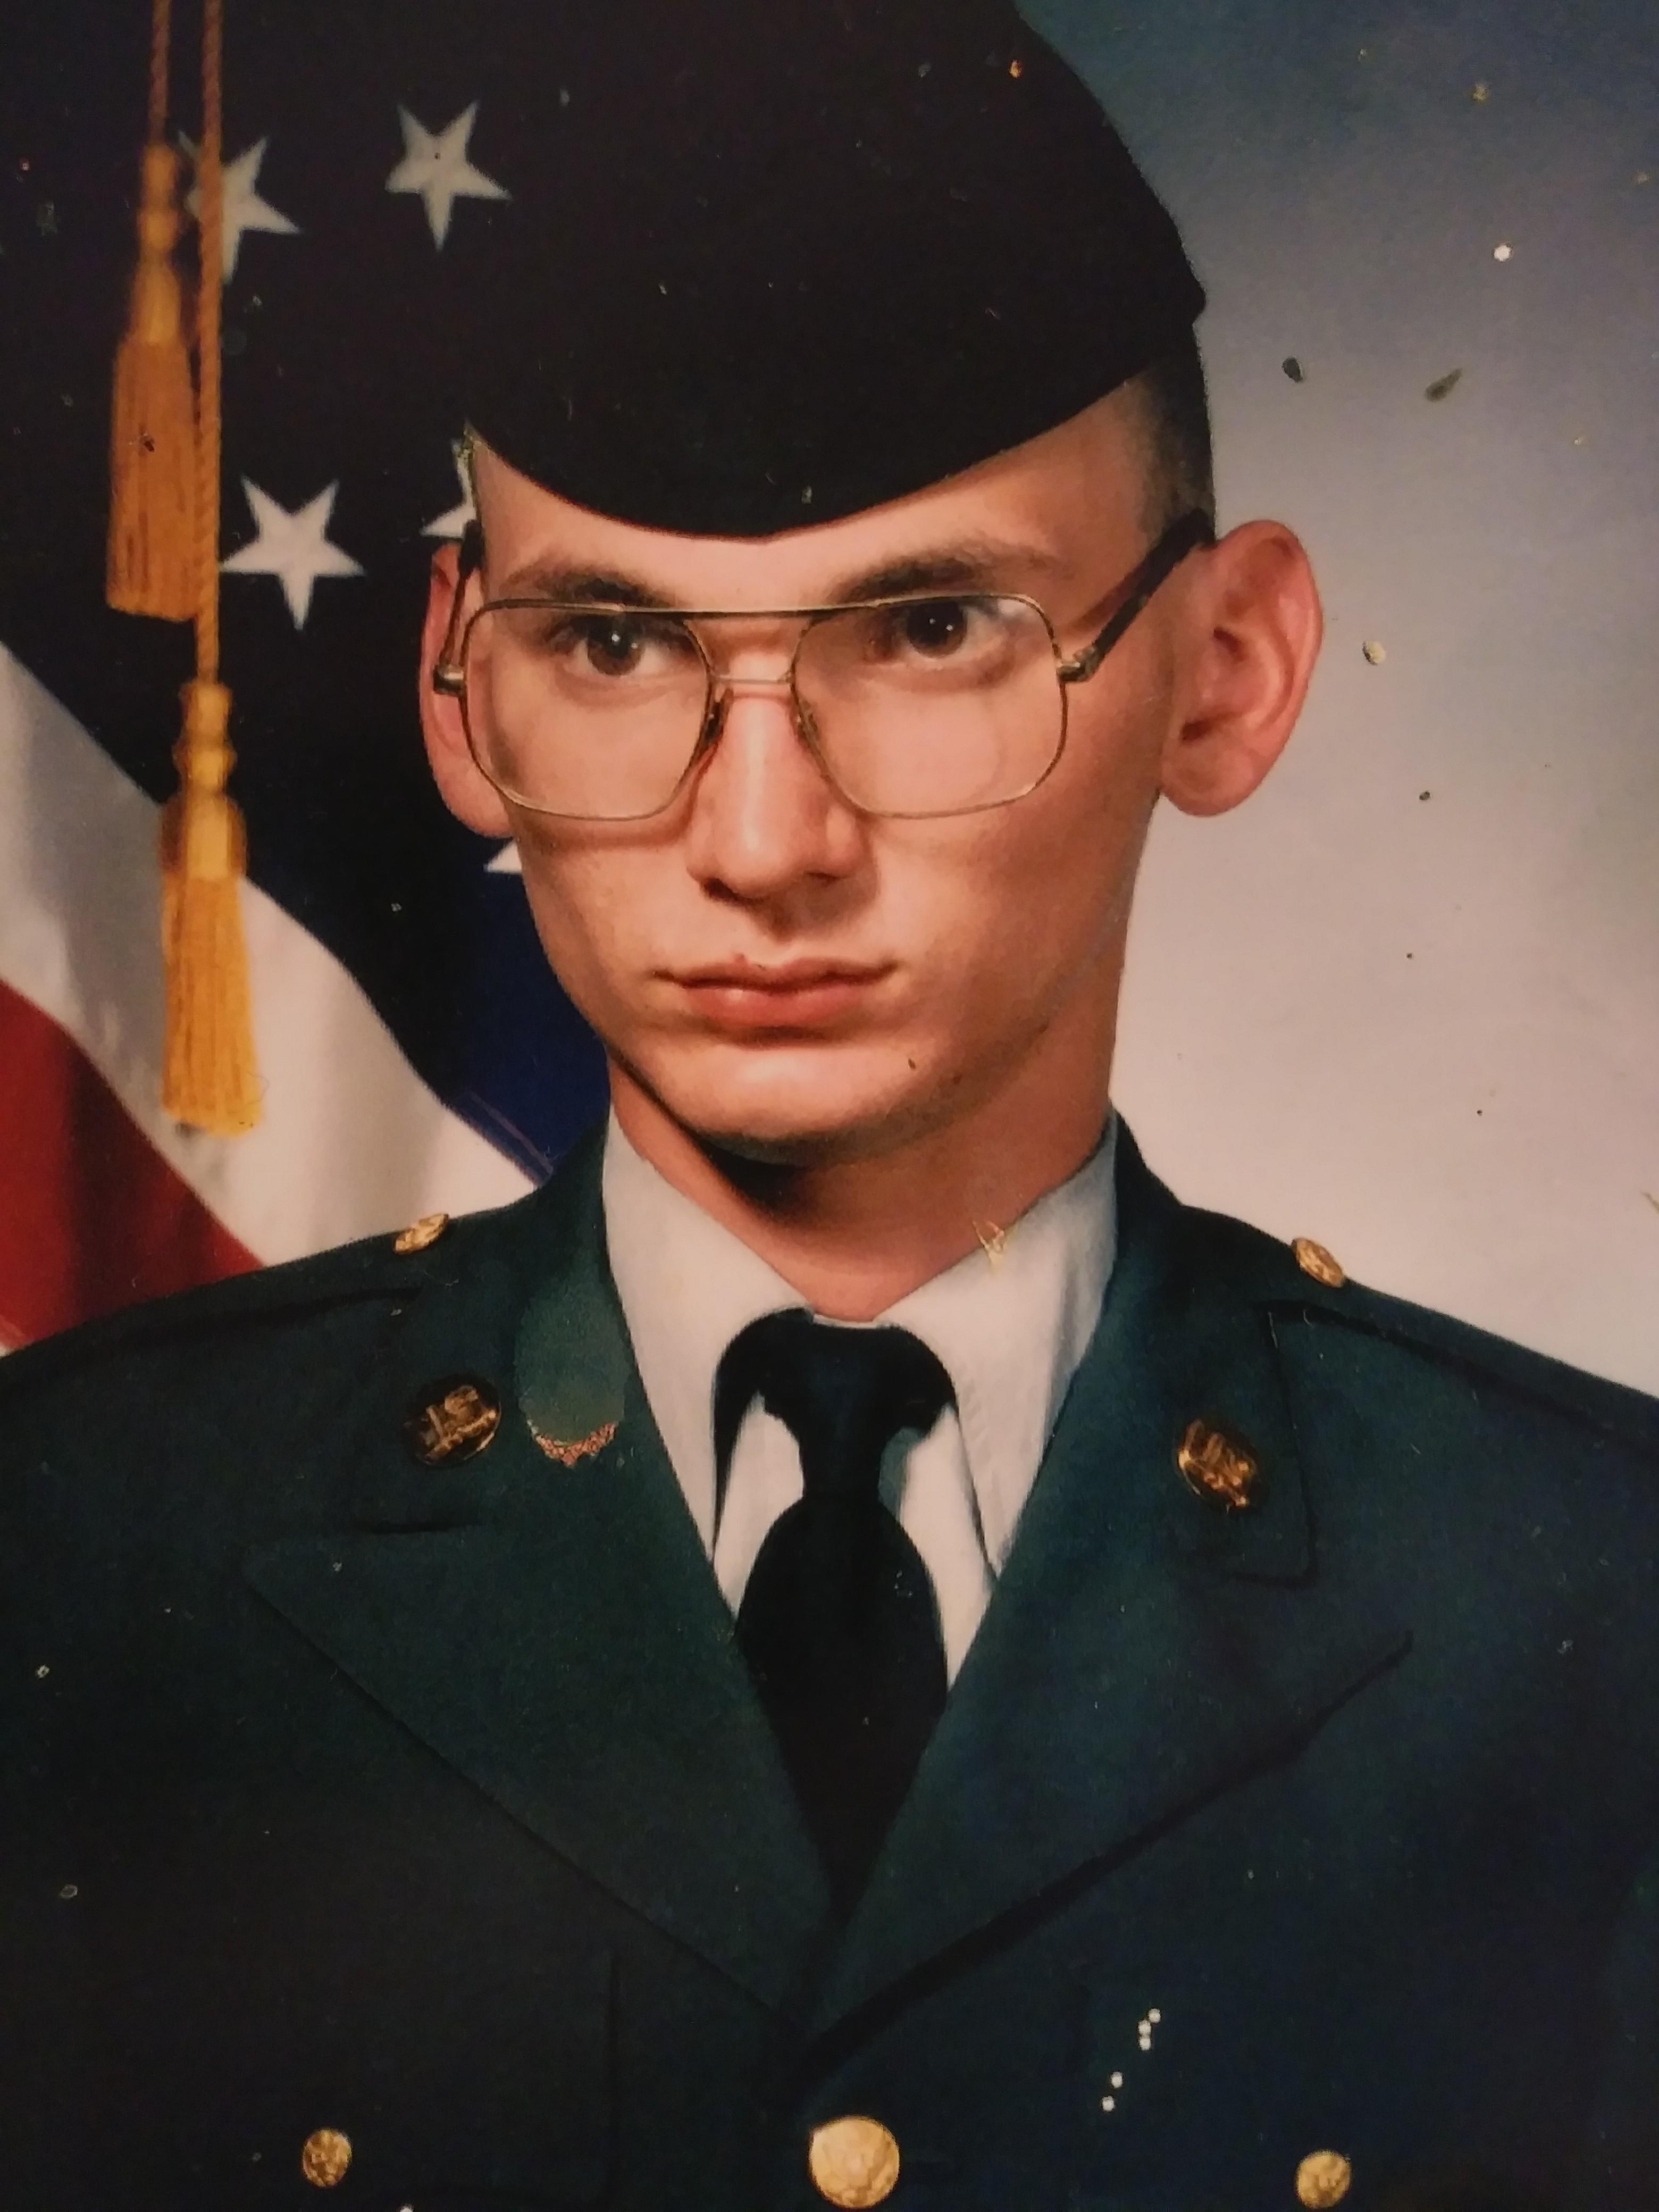 Shawn M. Kaiser